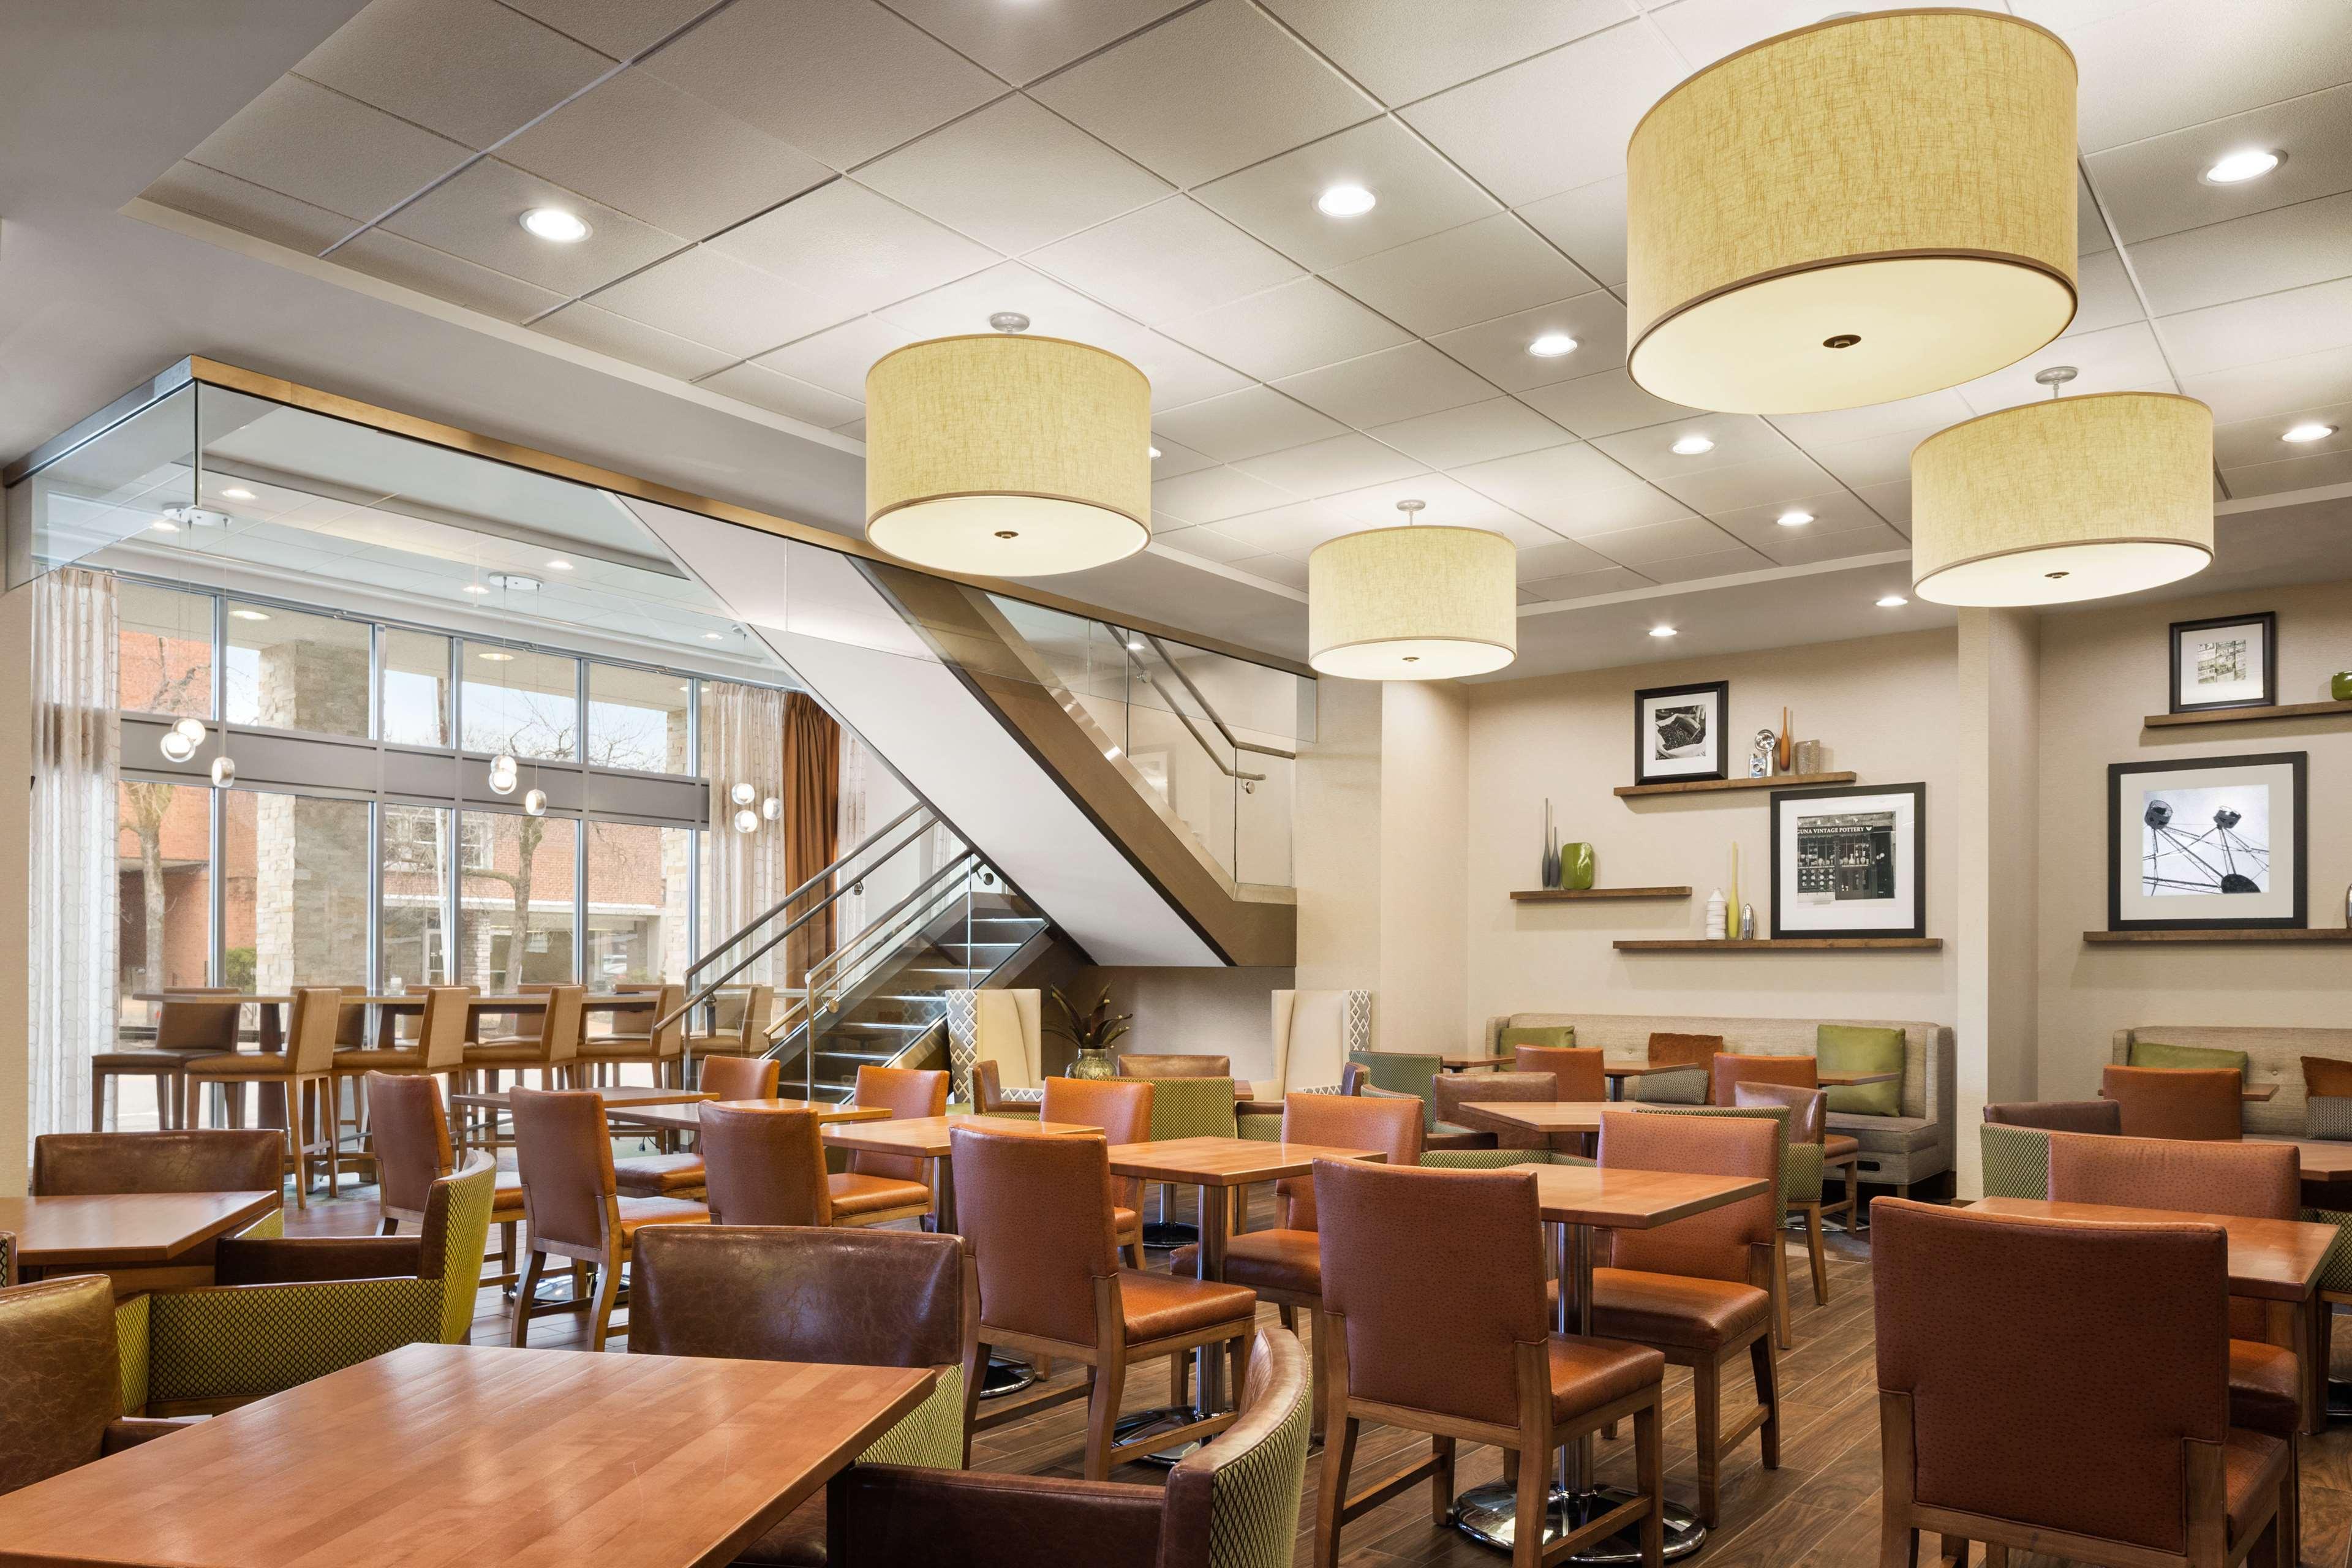 Hampton Inn and Suites Clayton/St Louis-Galleria Area image 4